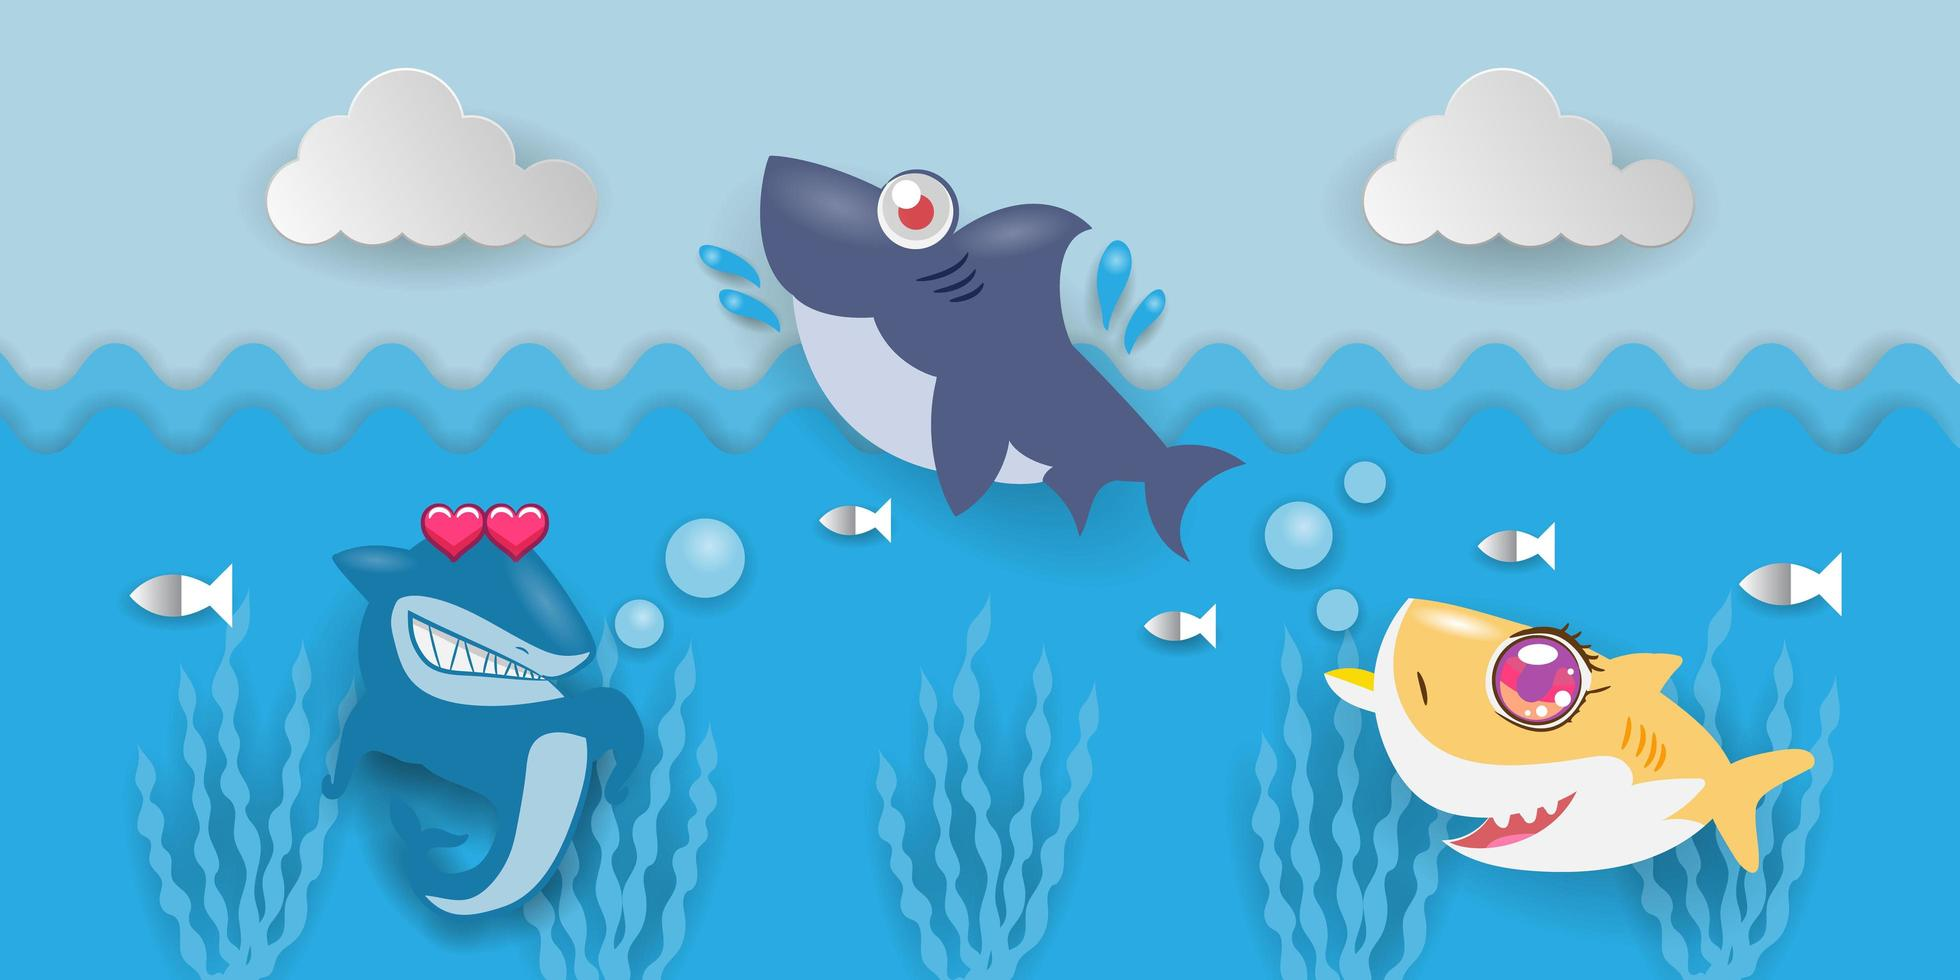 tiburones nadando en el agua vector